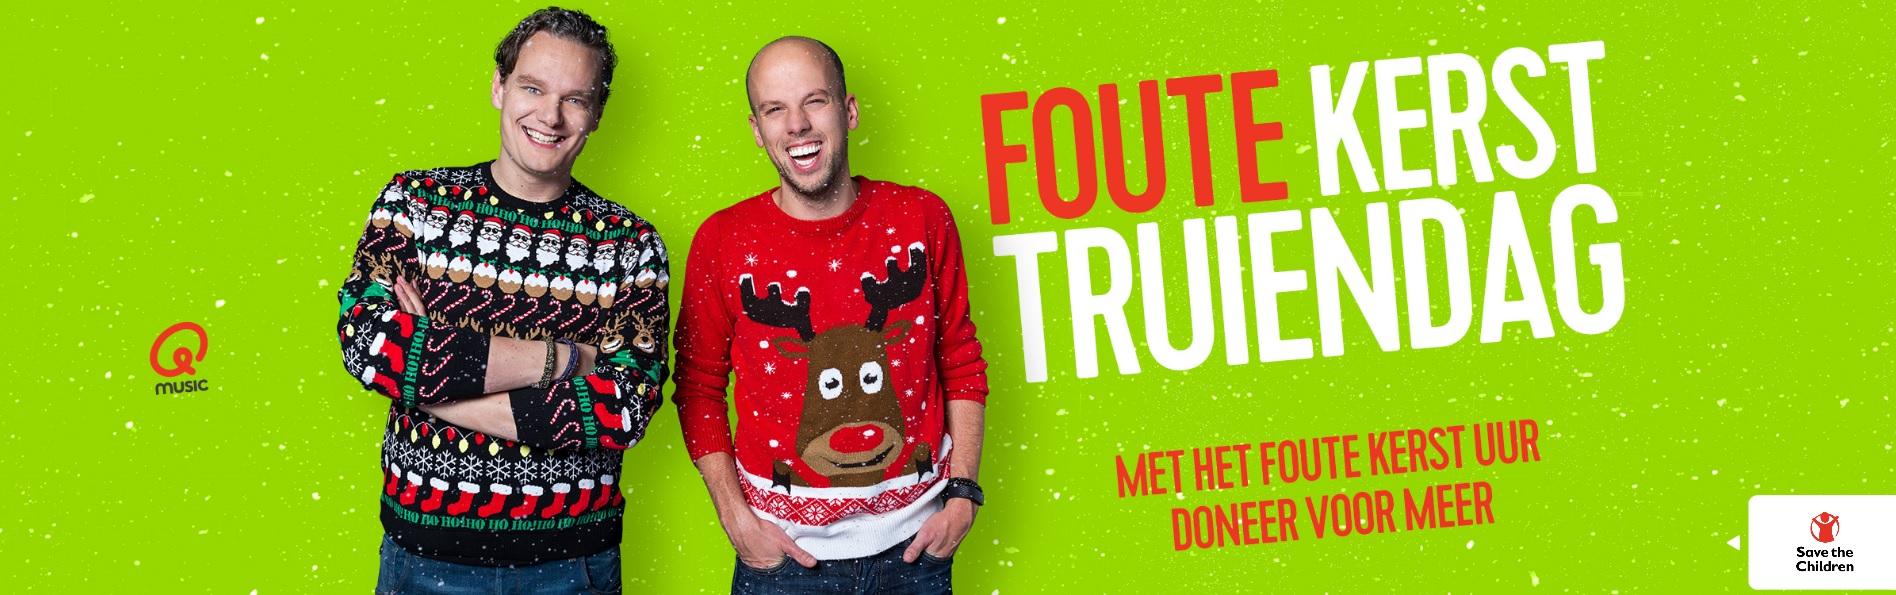 Foute Kersttrui Postcodeloterij.Save The Children Qmusic Draait Foute Kerstmuziek Voor Save The